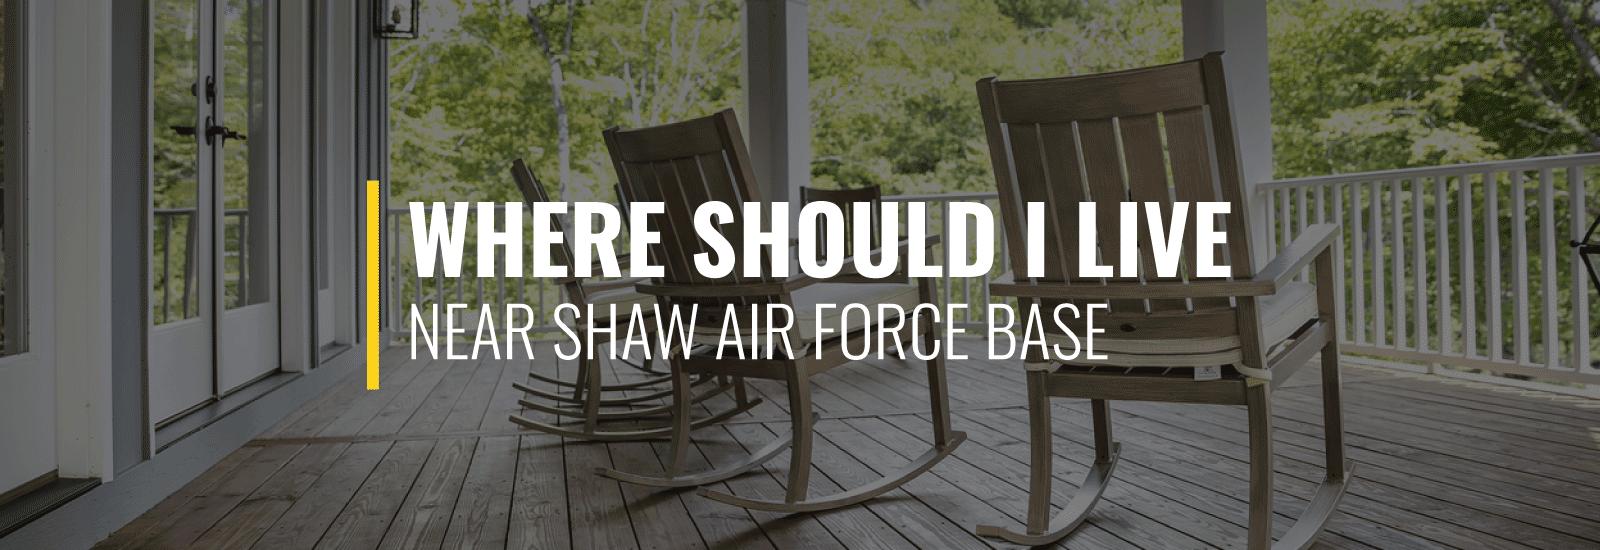 Where Should I Live Near Shaw AFB?